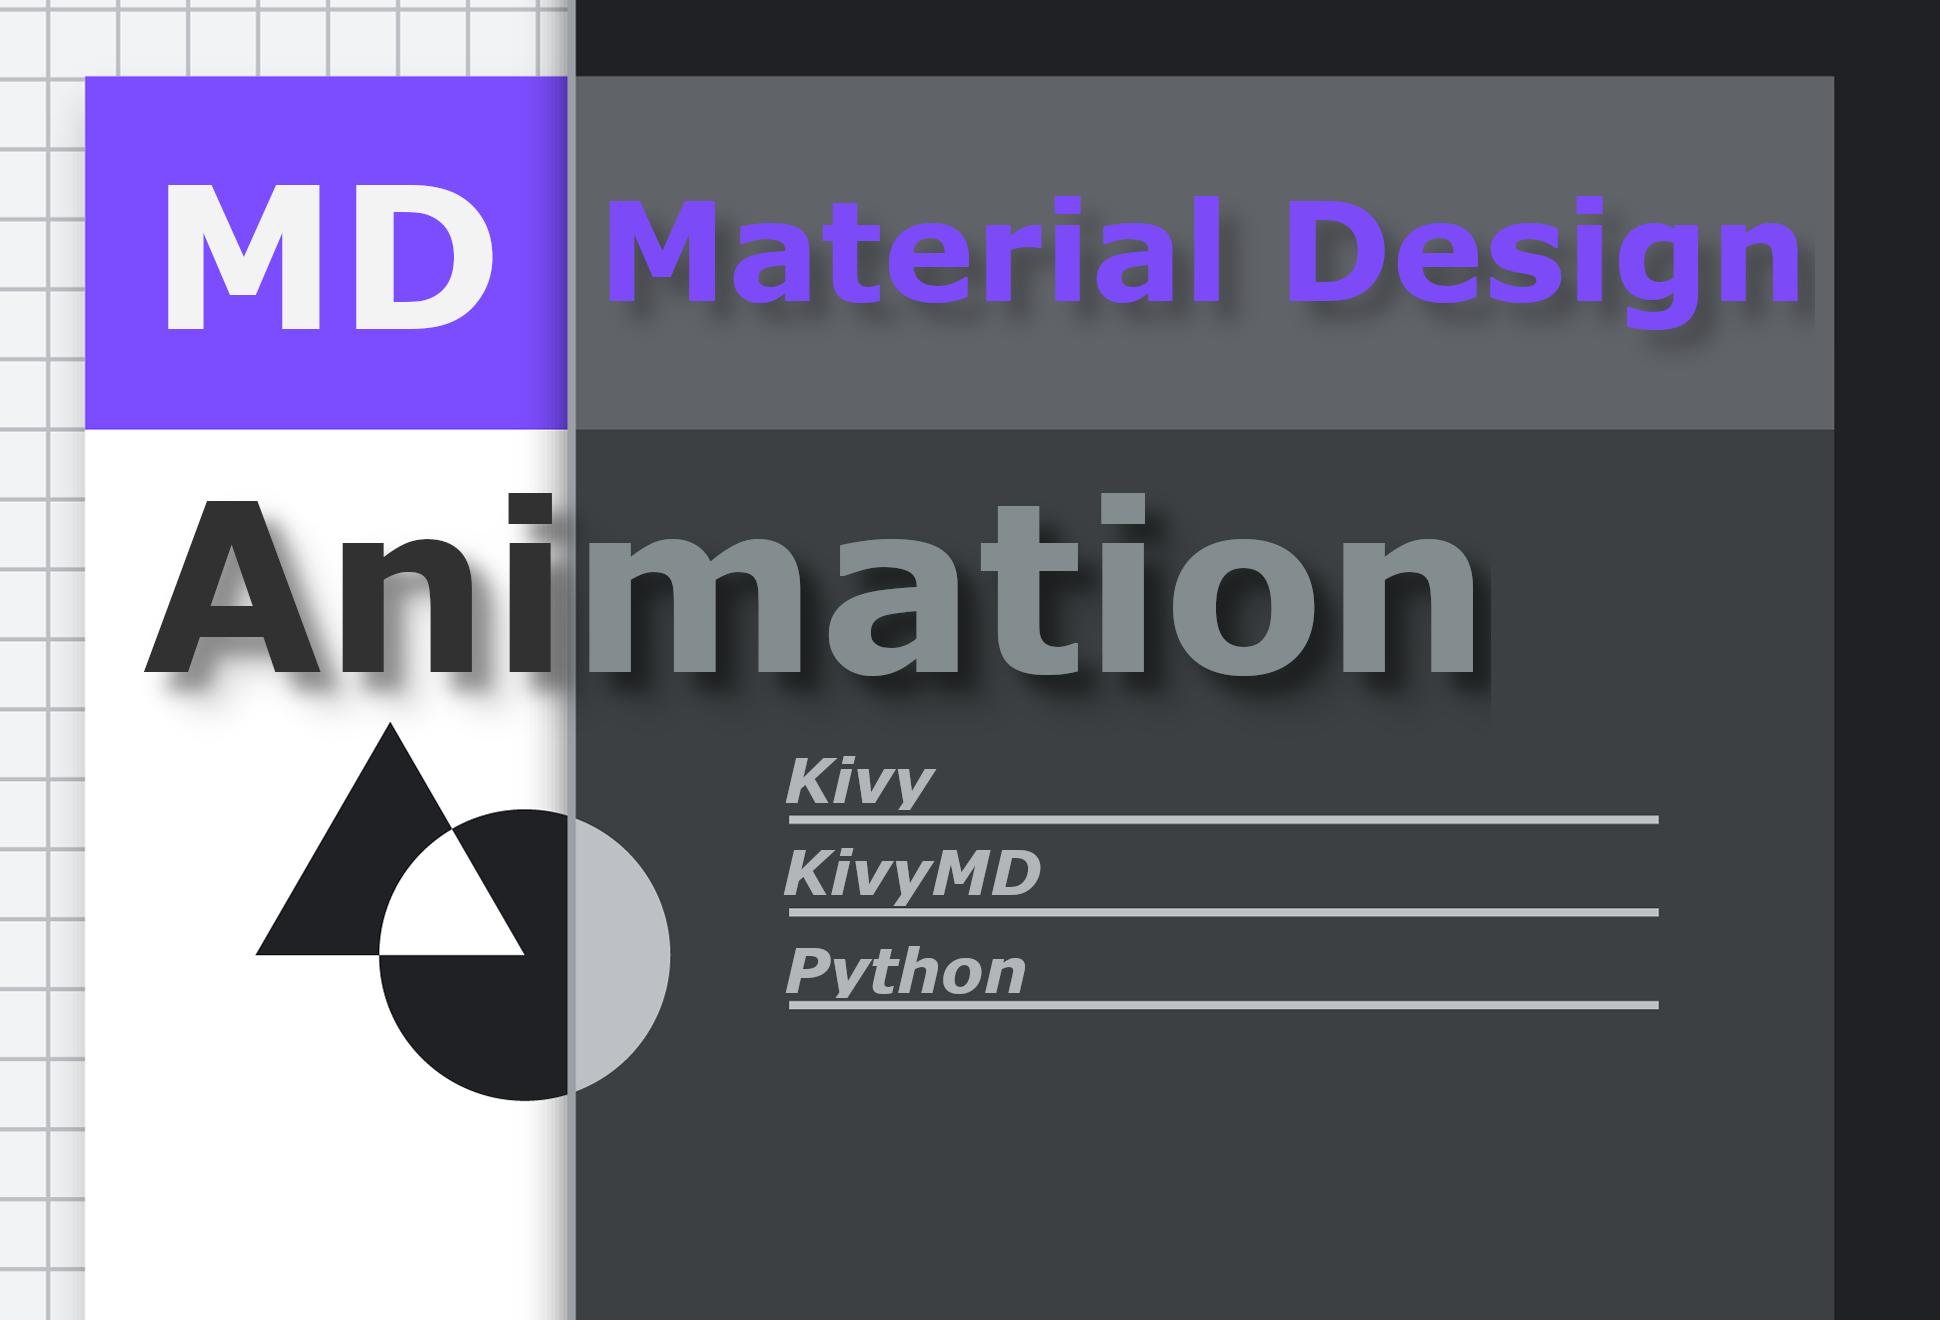 Материальный дизайн. Создание анимаций в Kivy